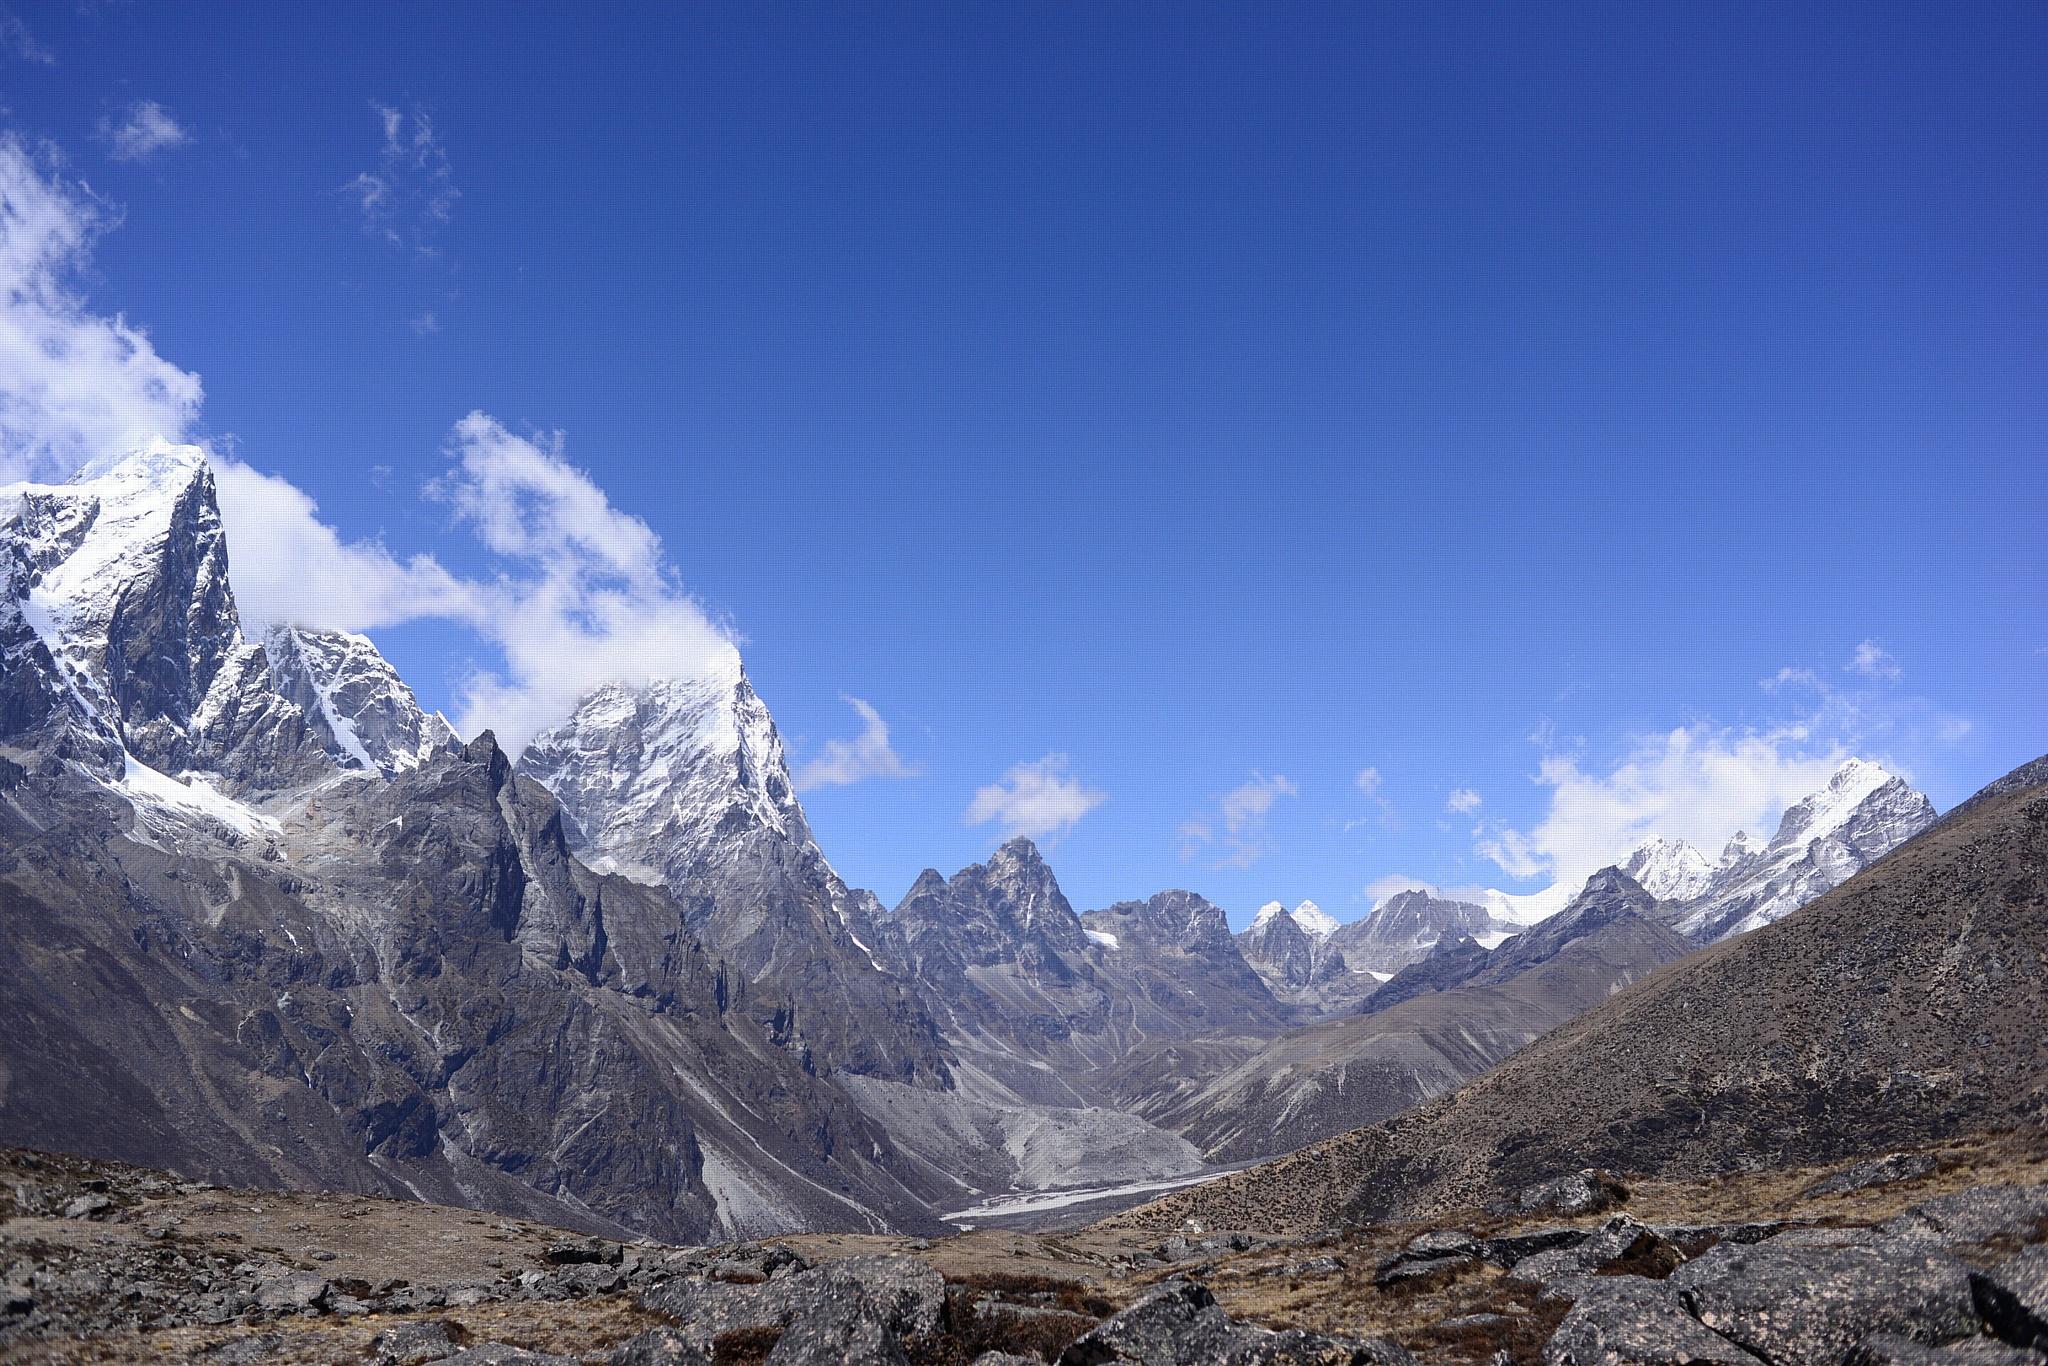 Вид на Кхумбу и Чолаце снизу Ама-Даблам на высоте 4900 м, на переднем плане видна типичная субнивальная растительность. Предоставлено: Карен Андерсон.